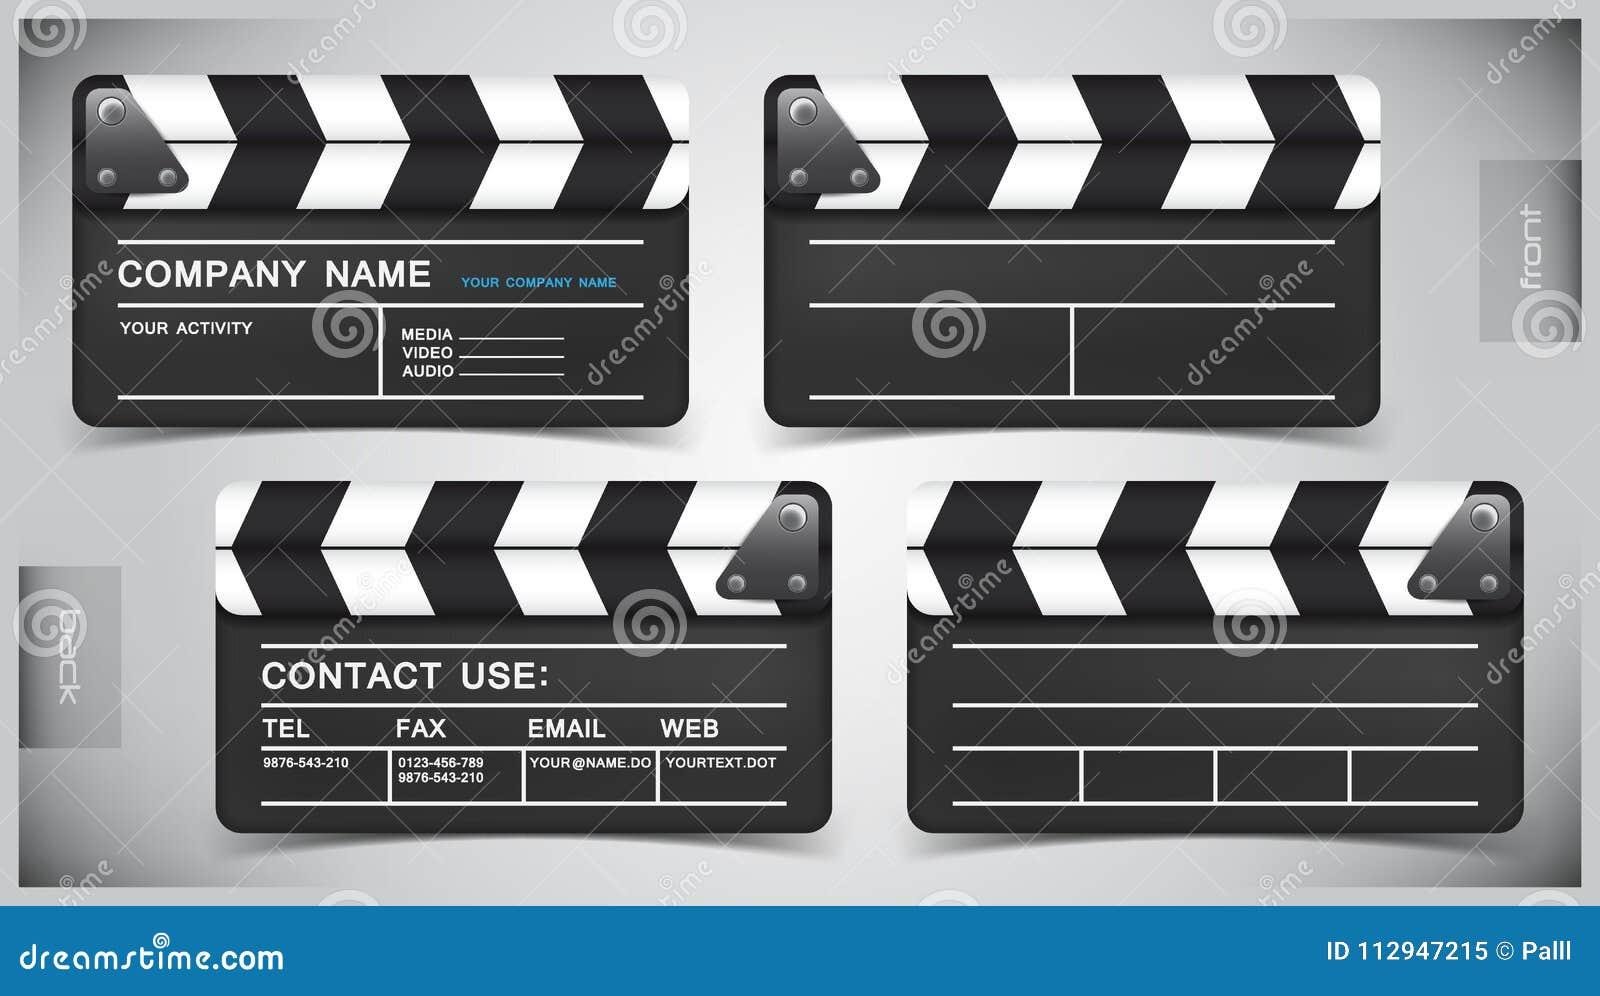 Vektorsatz Kreative Visitenkarten Vektor Abbildung